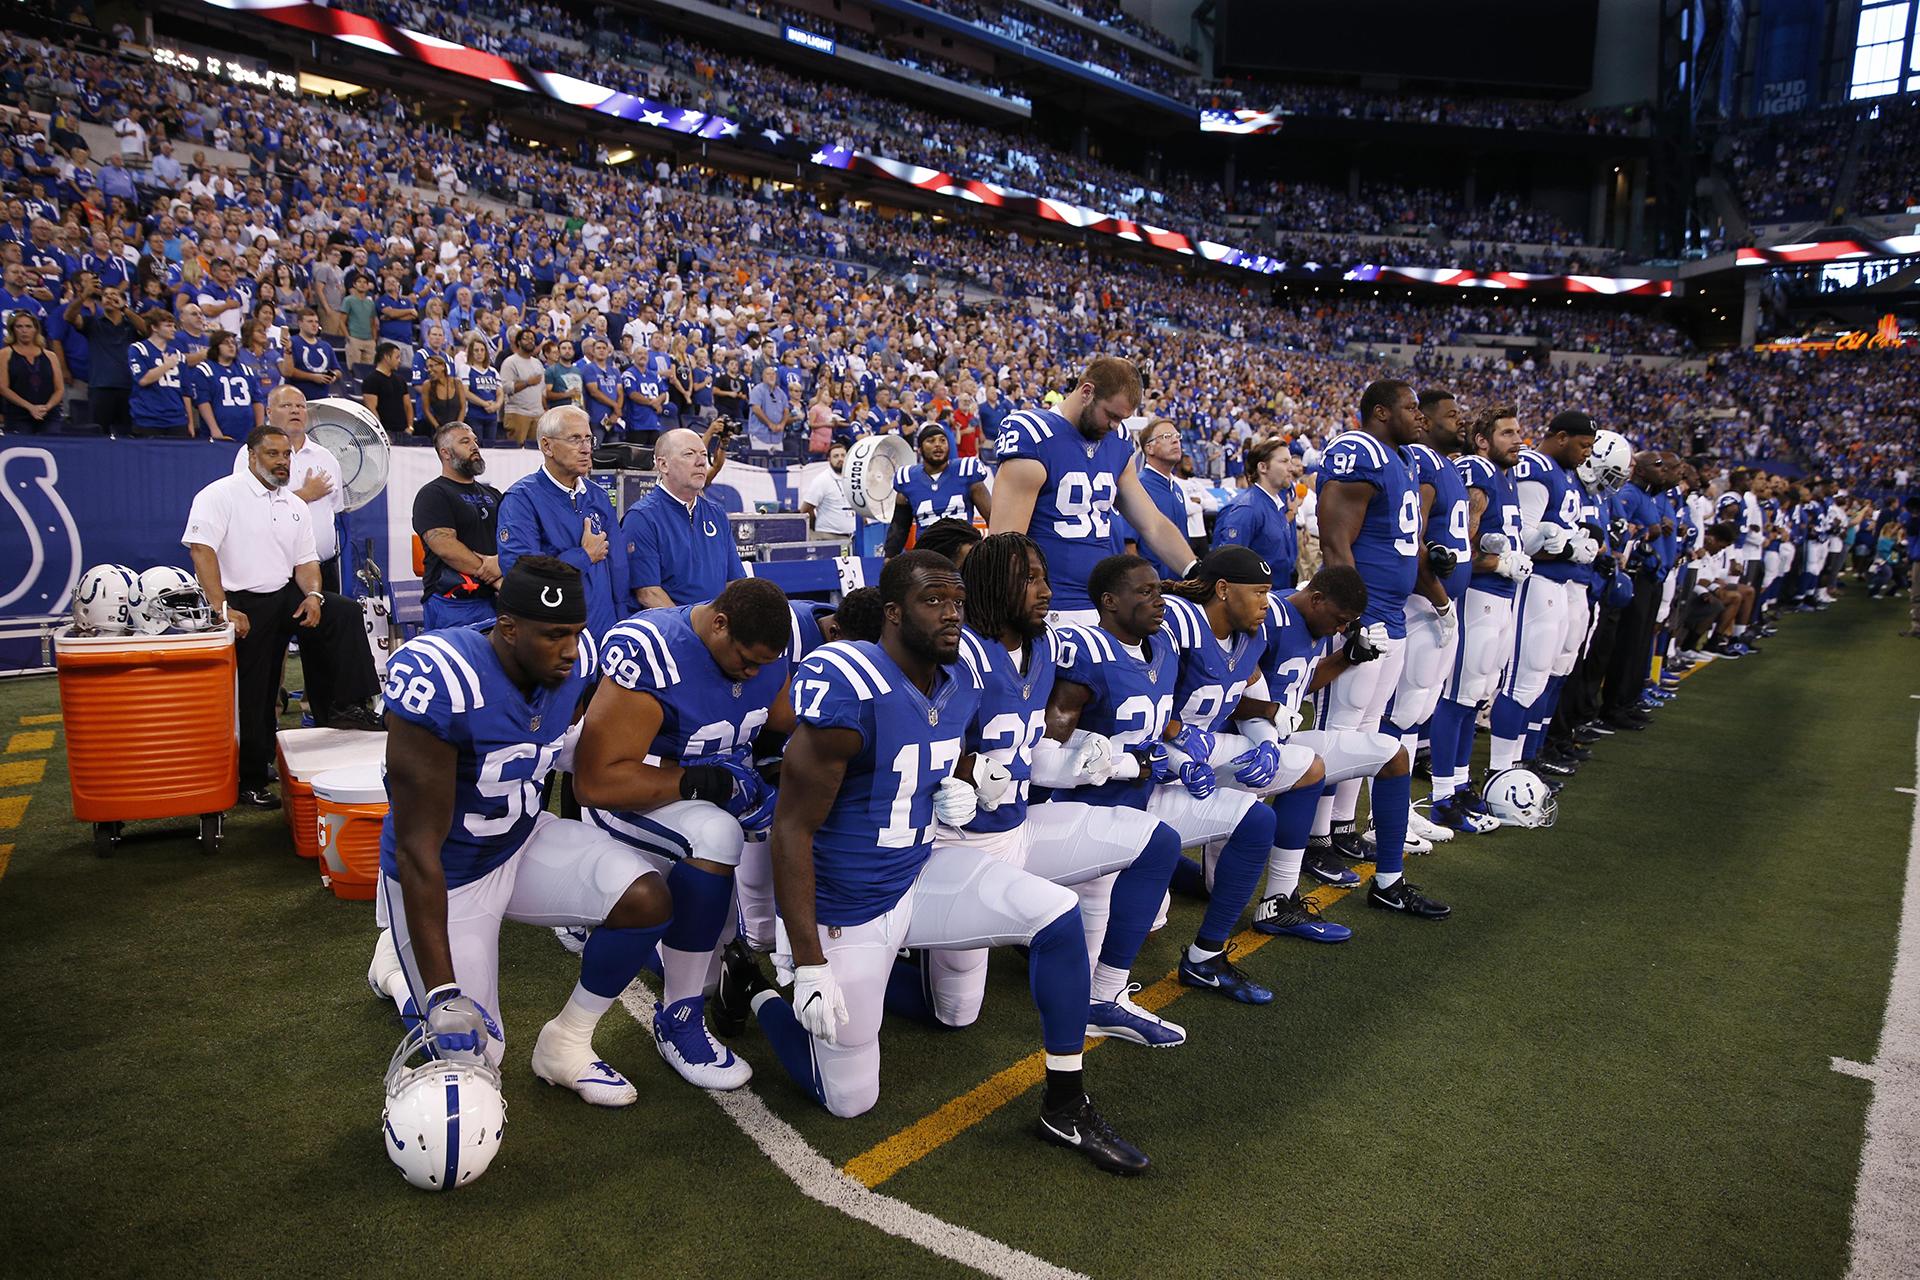 Los jugadores de Indianapolis Colts se arrodillan durante el Himno Nacional antes del partido contra los Cleveland Browns en el Lucas Oil Stadium